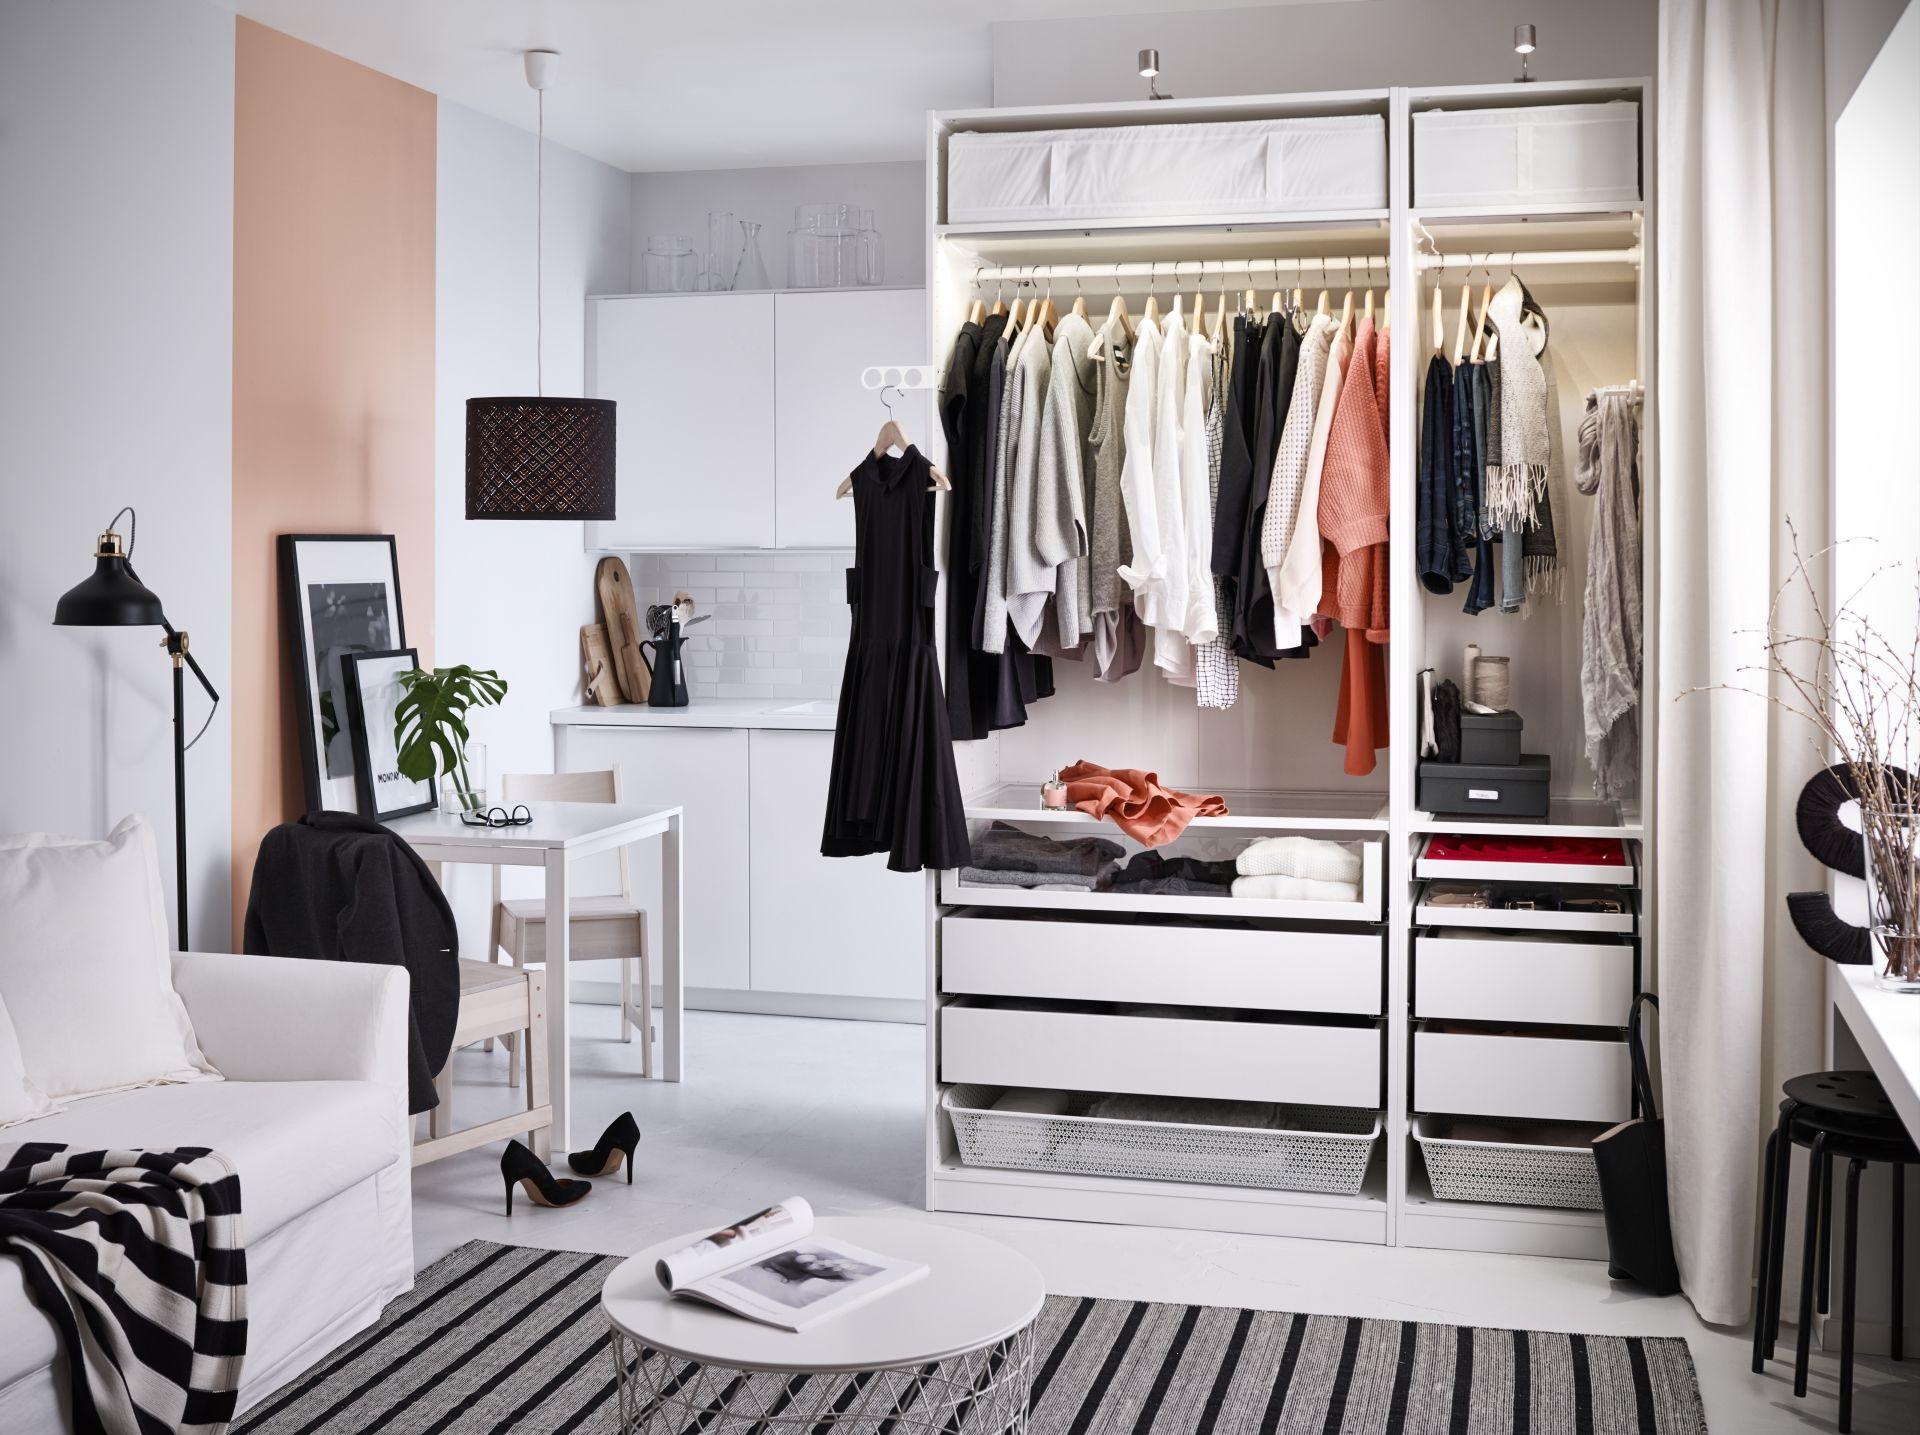 Slaapkamer Met Kledingkast : Pax garderobekast ikea ikeanederland wooninspiratie inspiratie